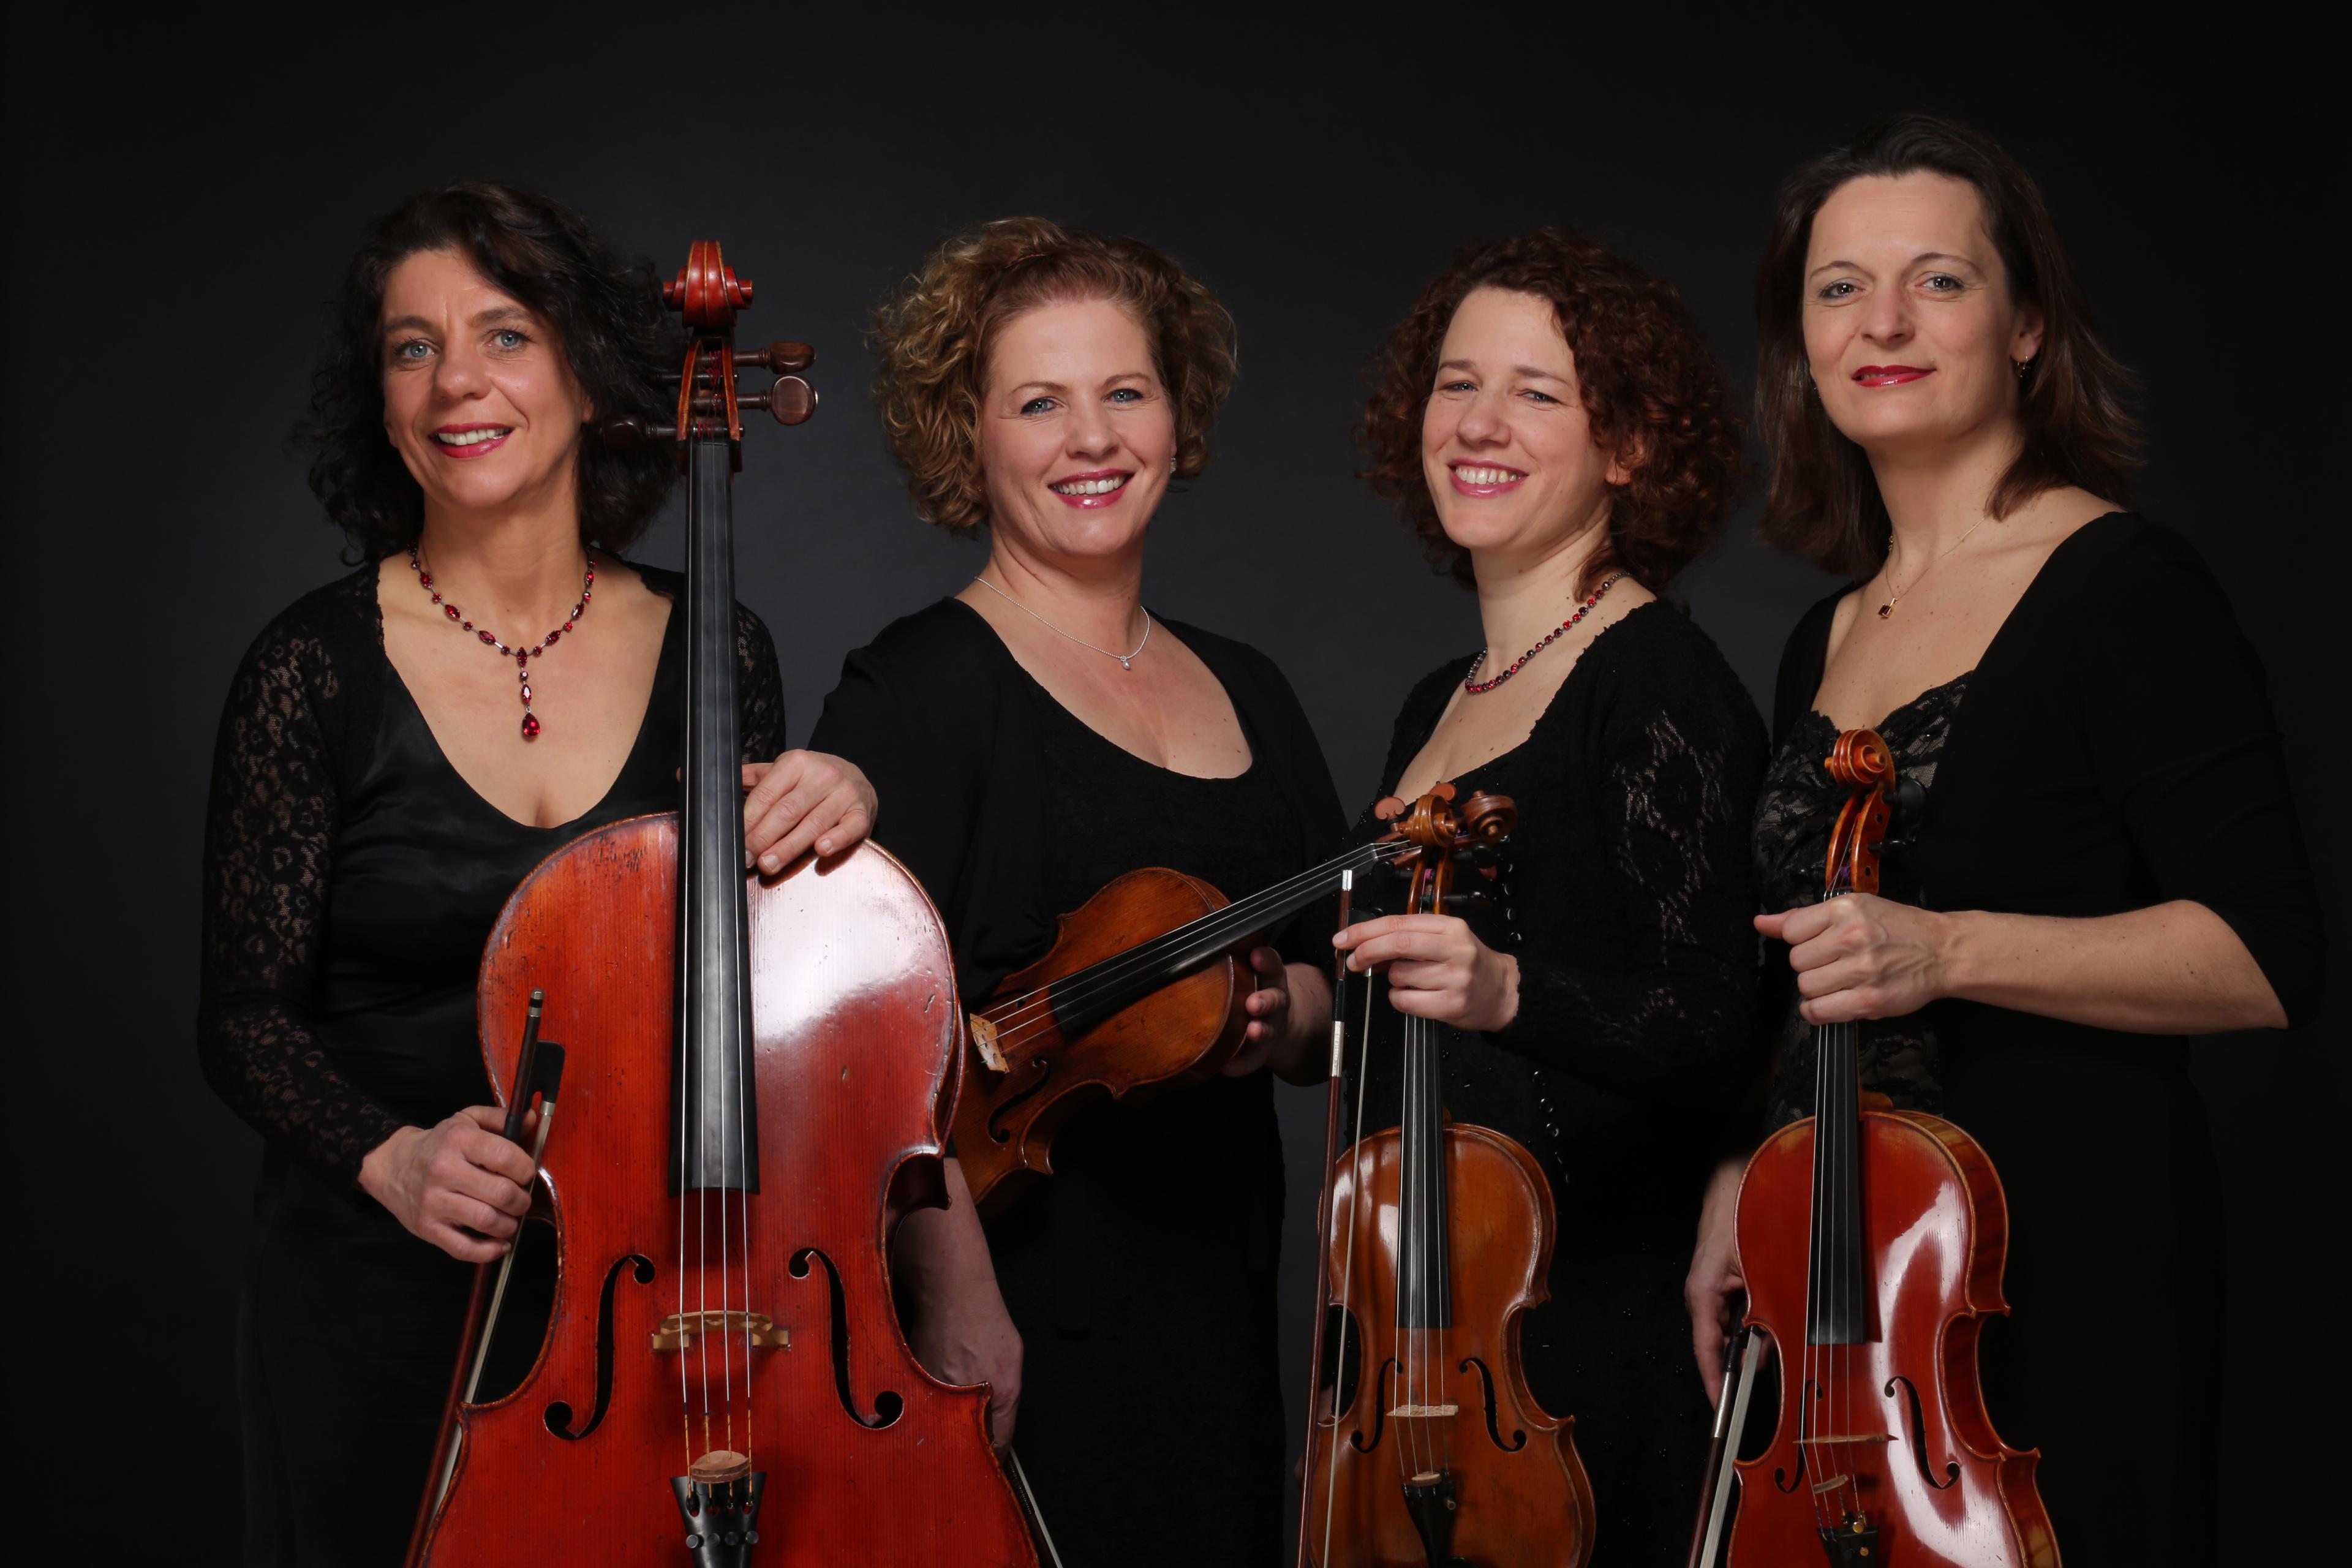 v.l.n.r.: Ulrike Zavelberg (Cello), Irmgard Zavelberg (Violine), Martina Horejsi (Violine), Jana Andraschke (Viola)